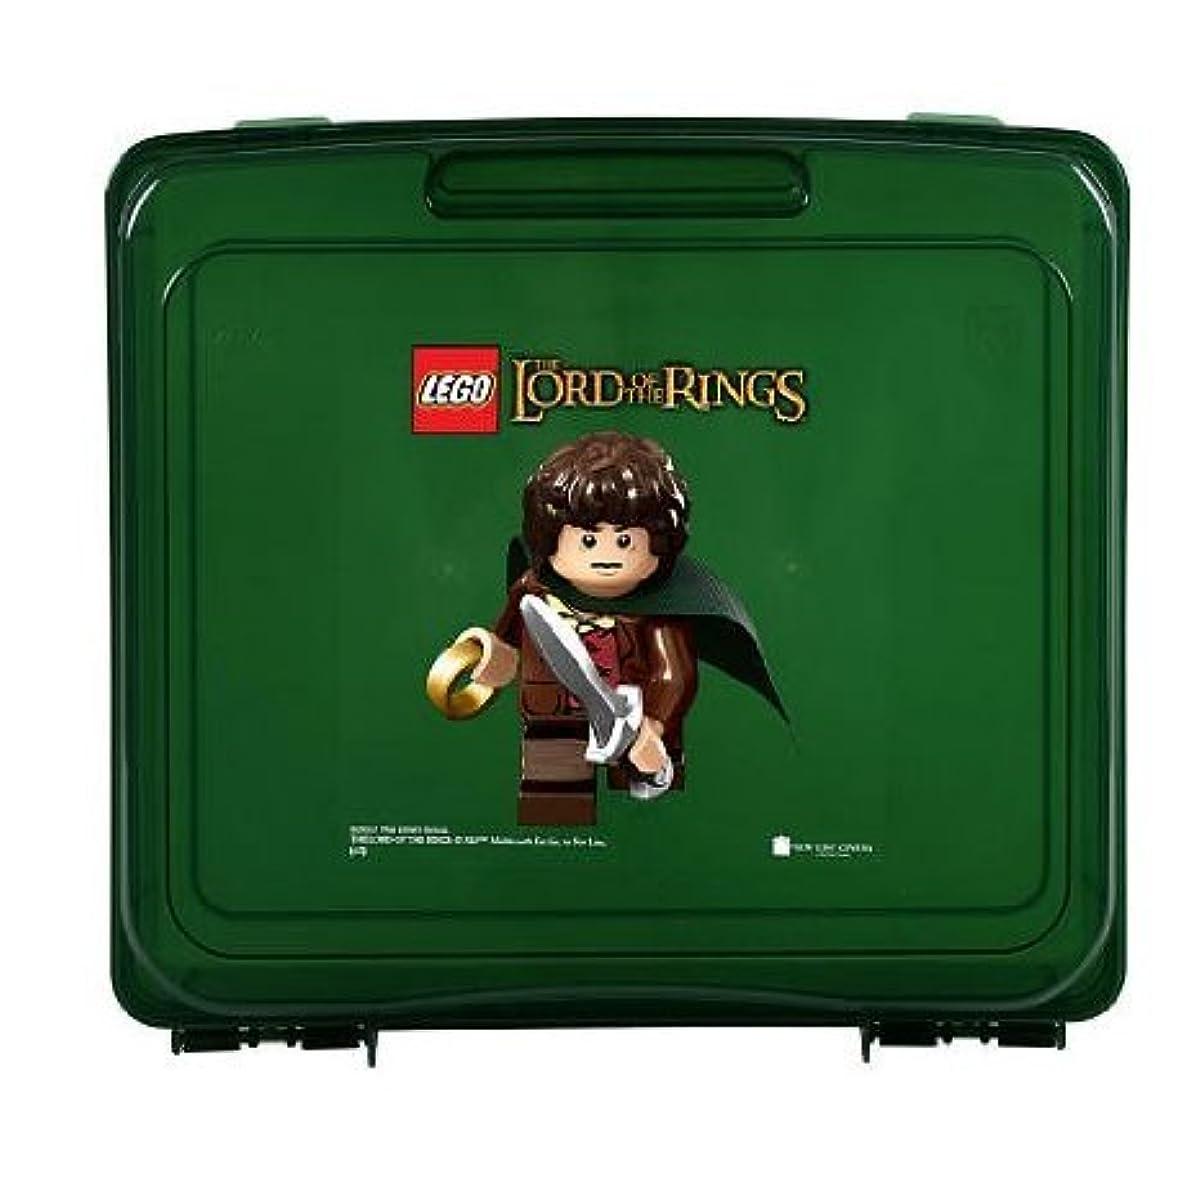 [해외] LEGO (레고) LORD OF THE RINGS (로드 오브 더 링) PROJECT CASE 블럭 장난감 (병행수입)